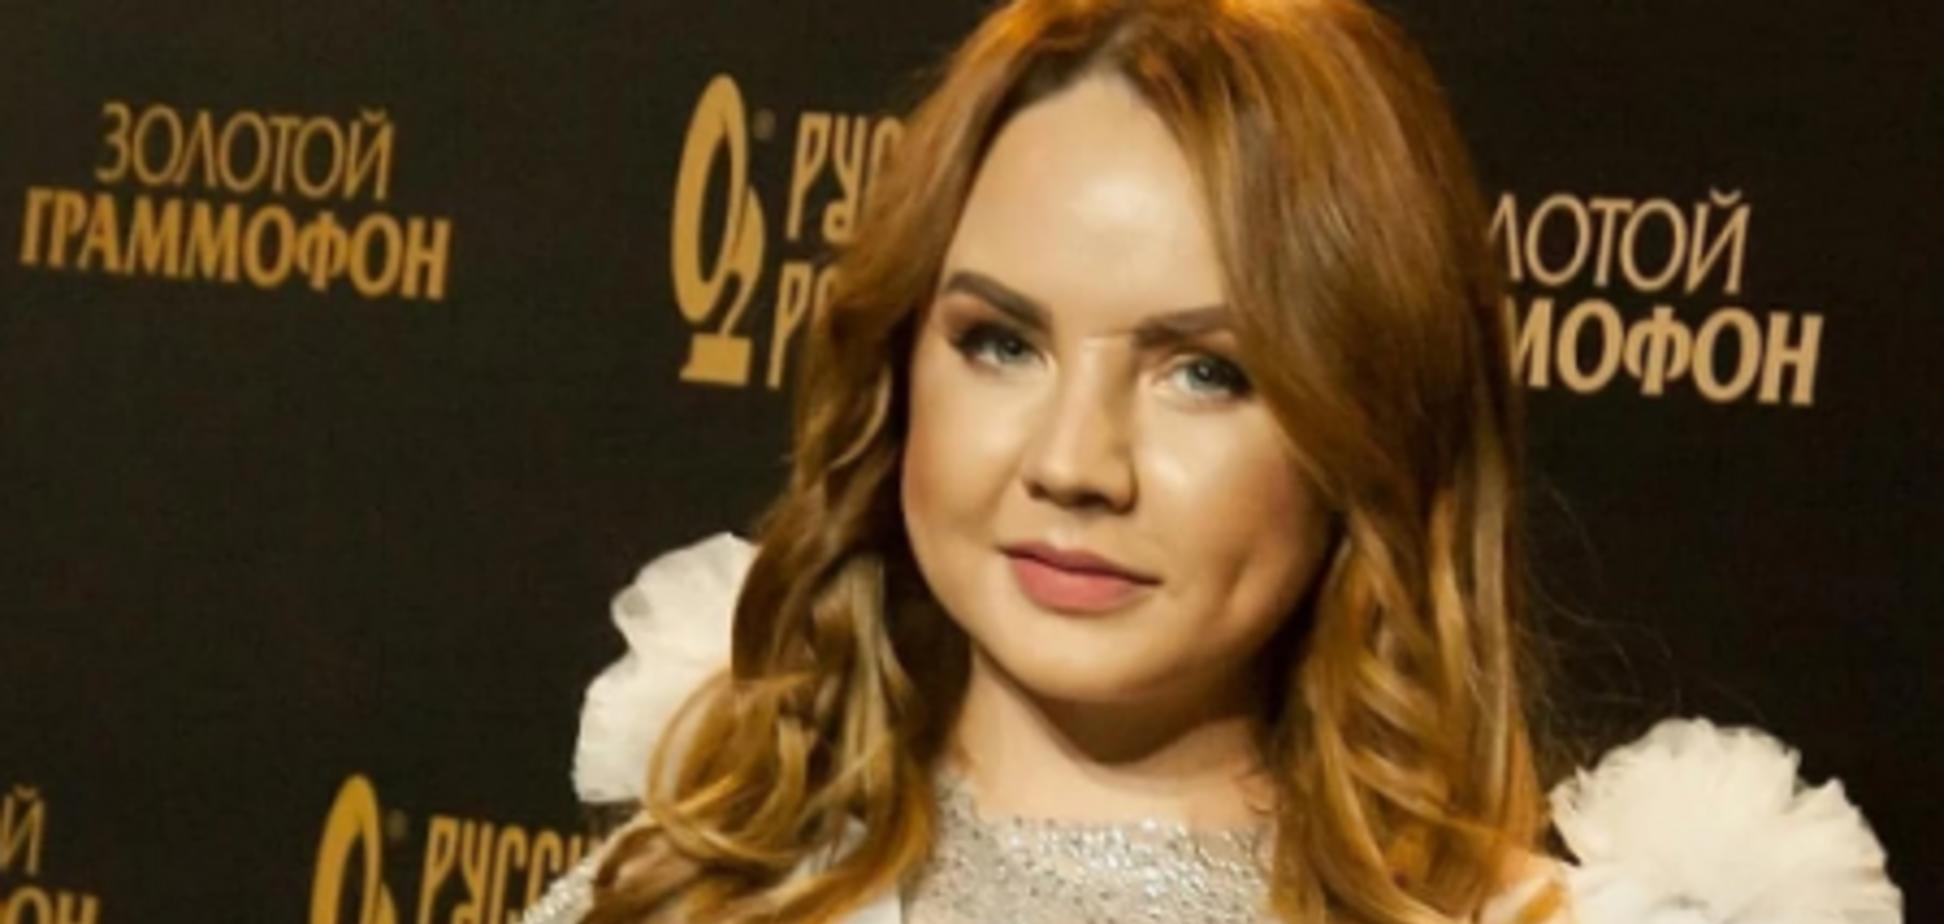 У мережі спливло фото МакSим після хвороби: як виглядає зараз співачка